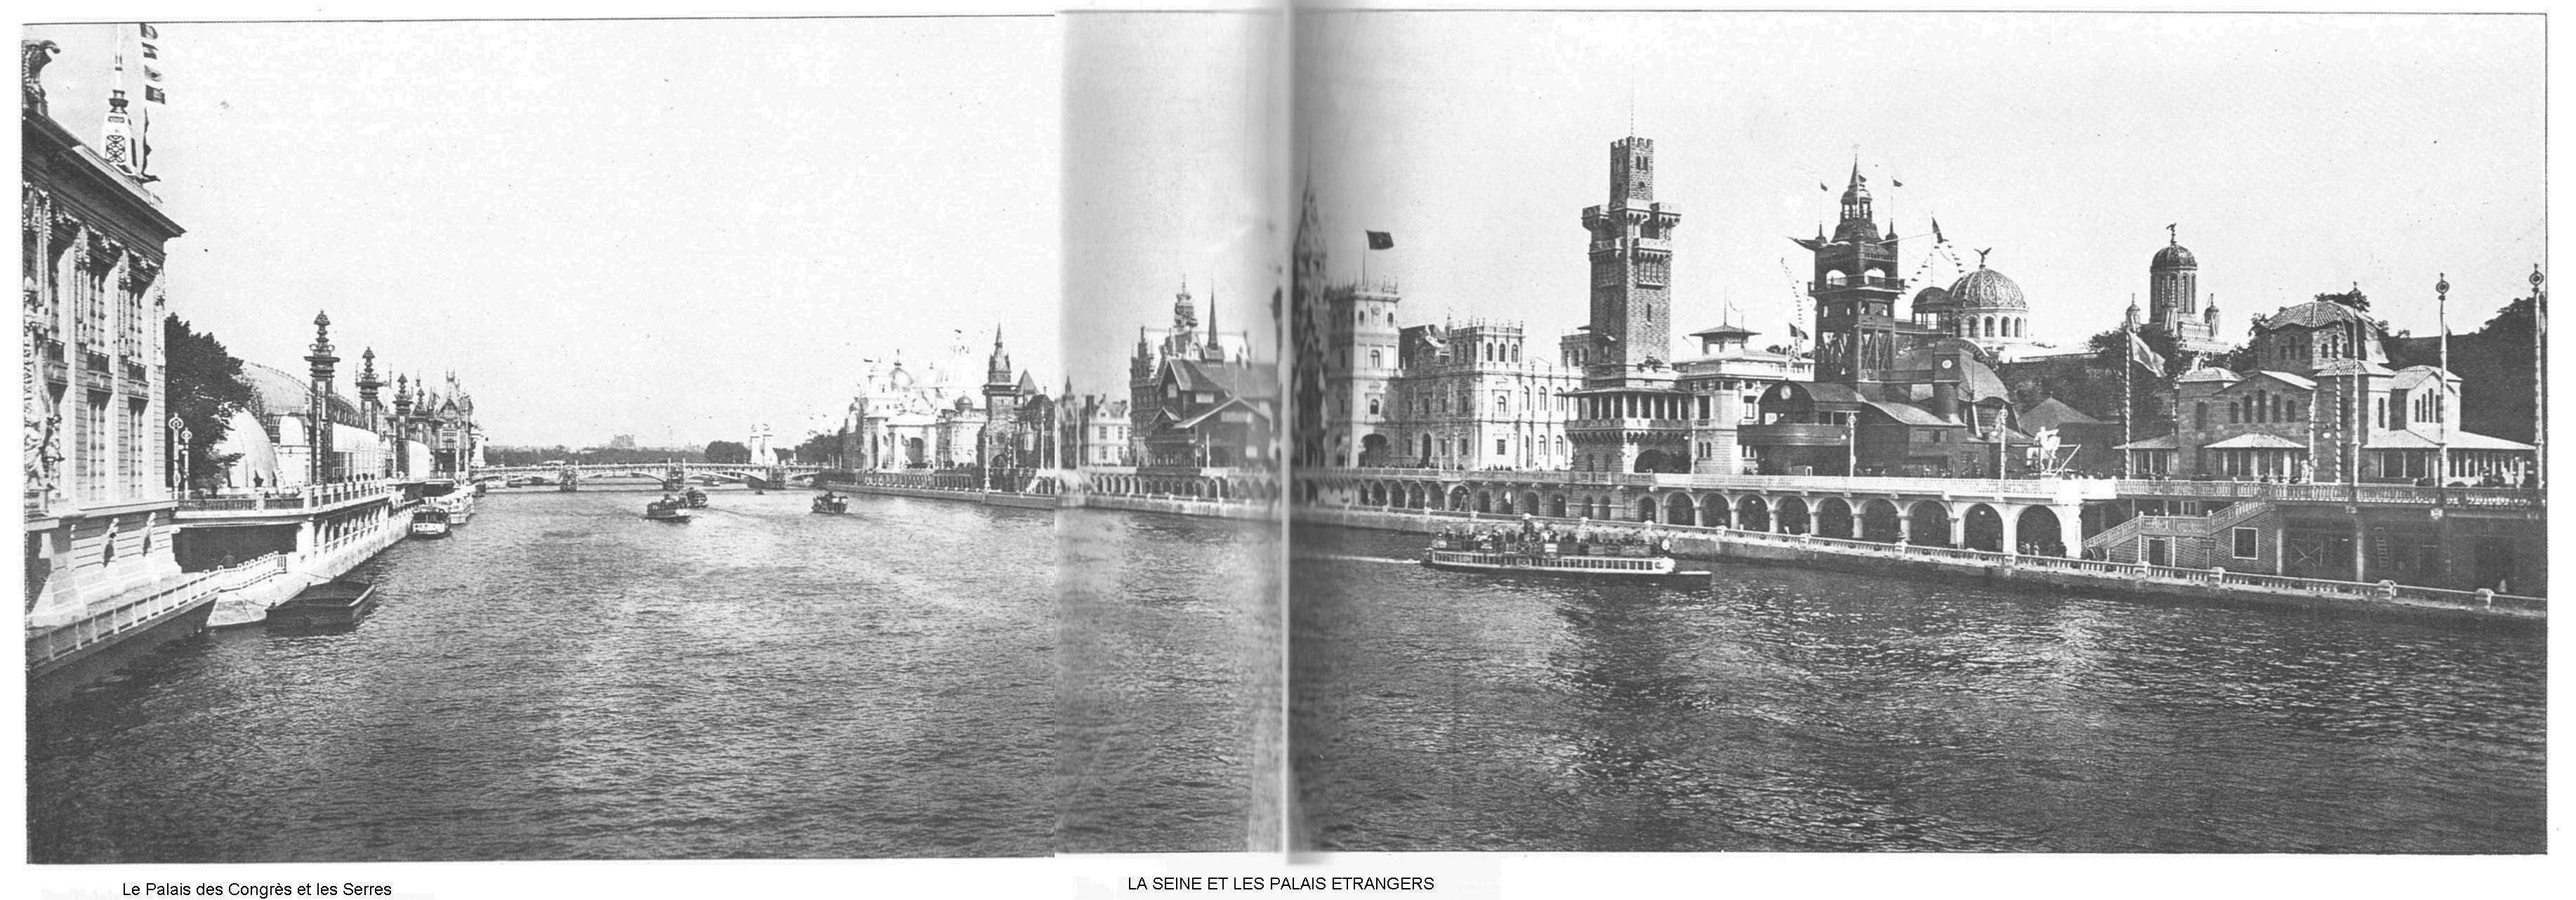 Ressources histoire exposition universelle 1900 la seine et les palais etrangers